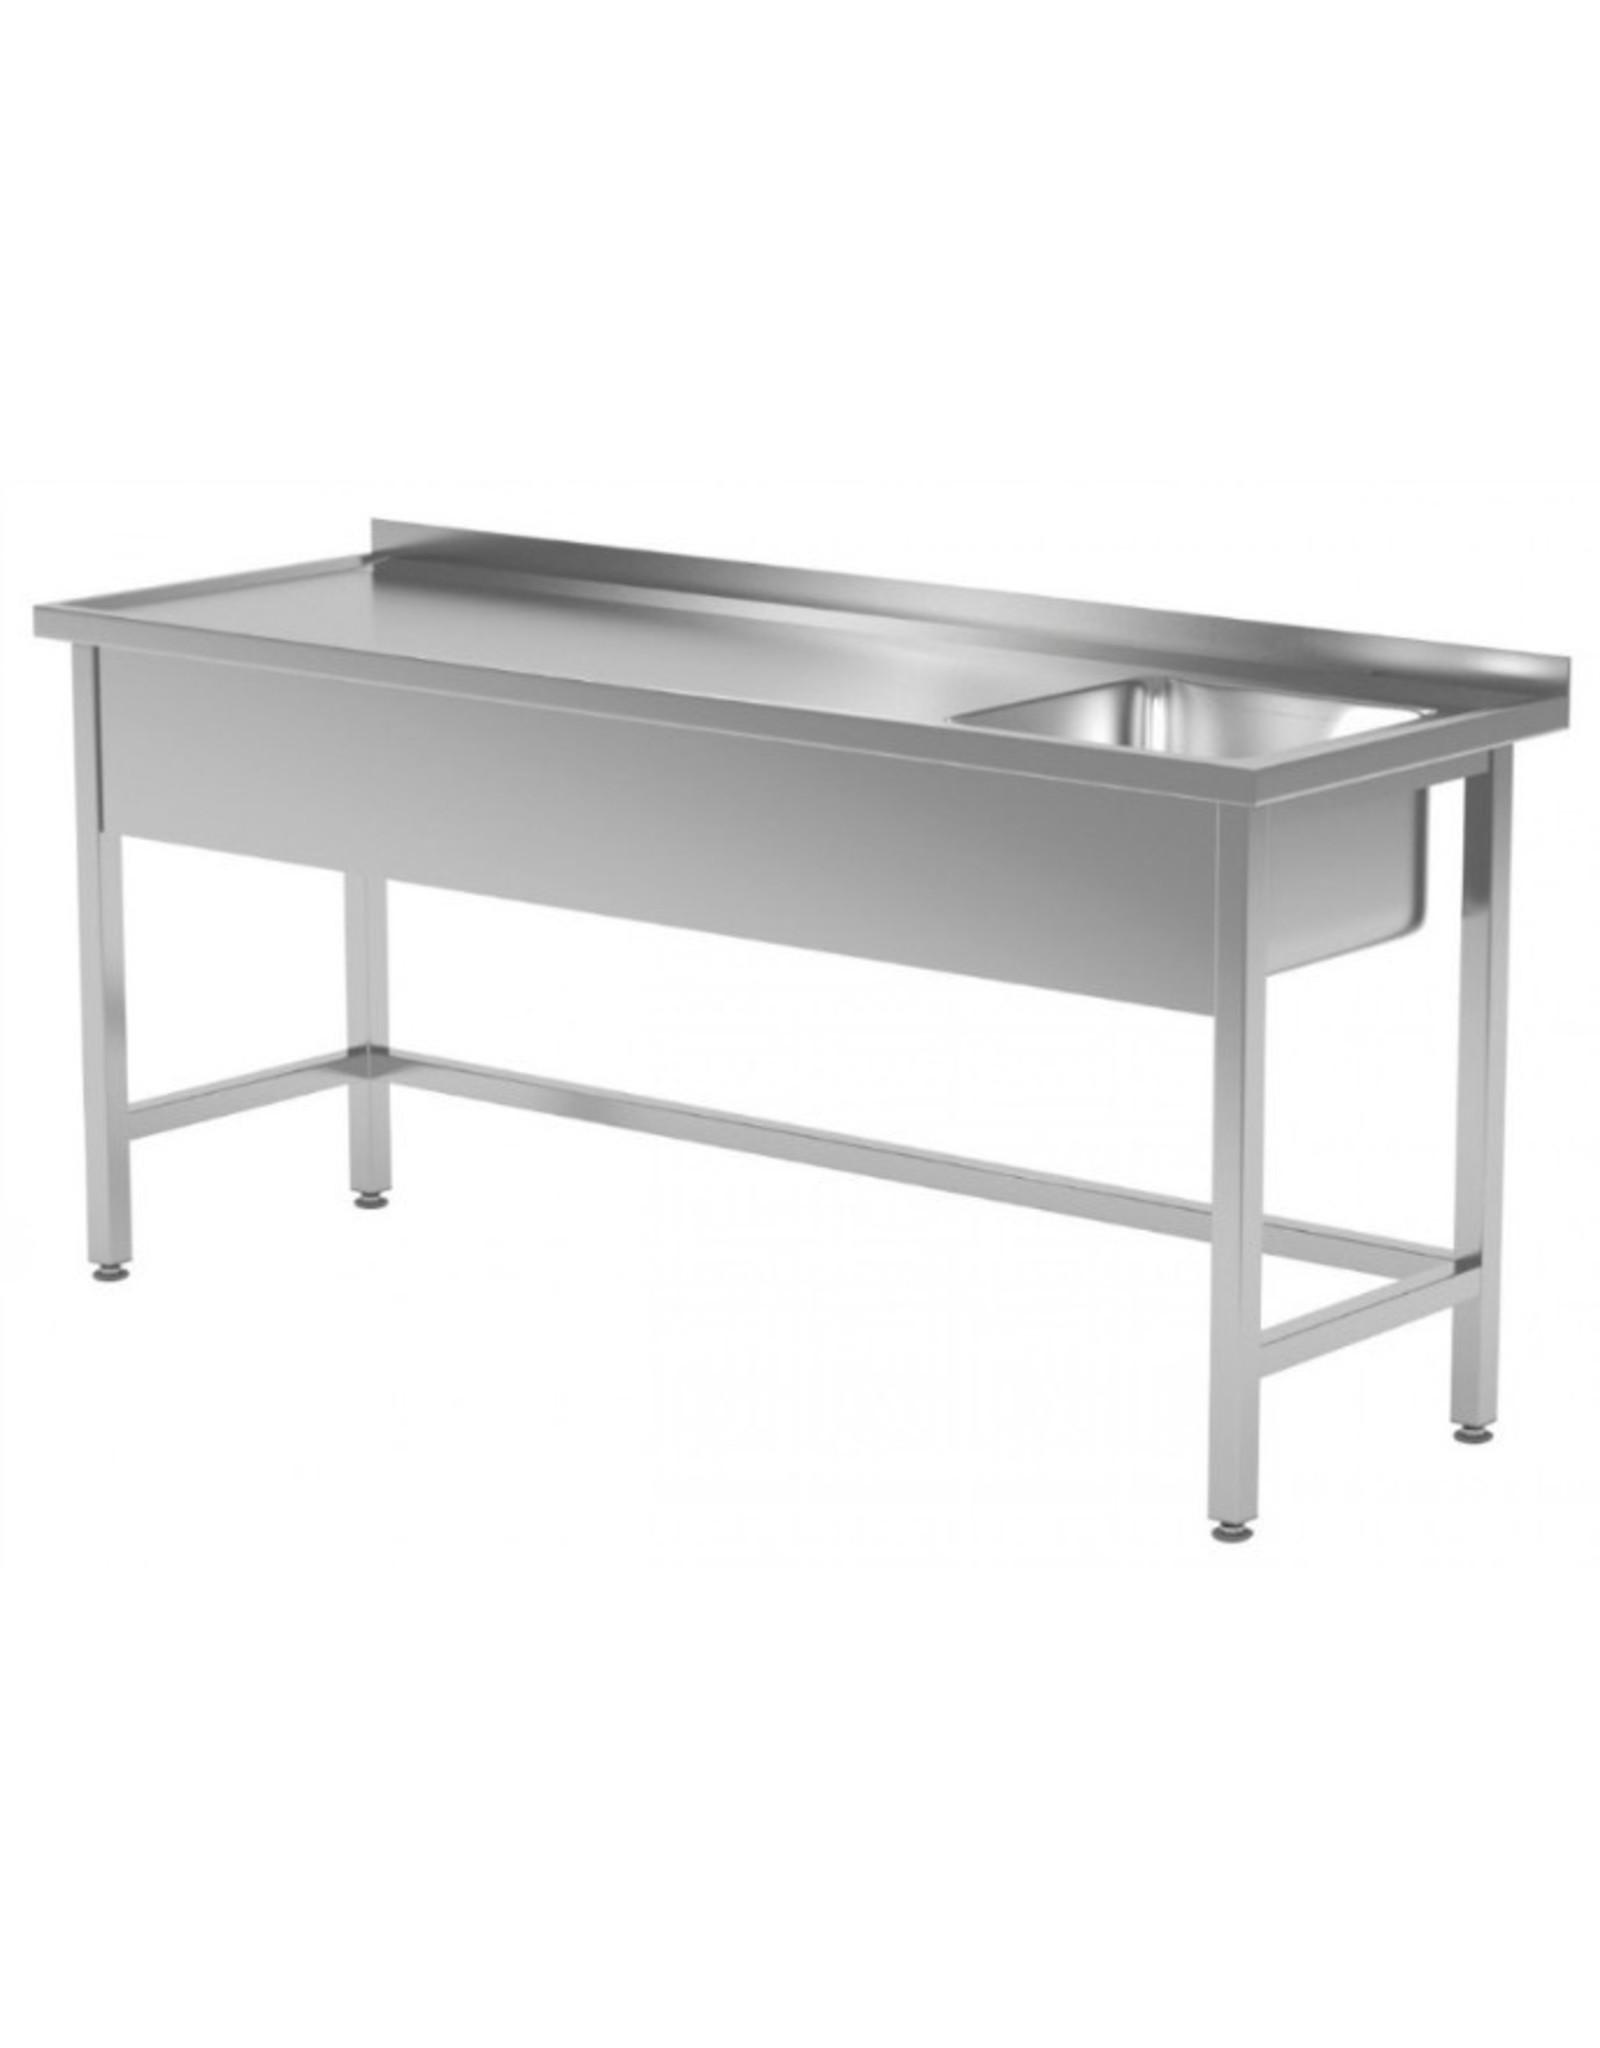 Spoeltafel met open onderkant verstevigd | spoelbak rechts | 1200-1900mm breed | 600 of 700mm diep